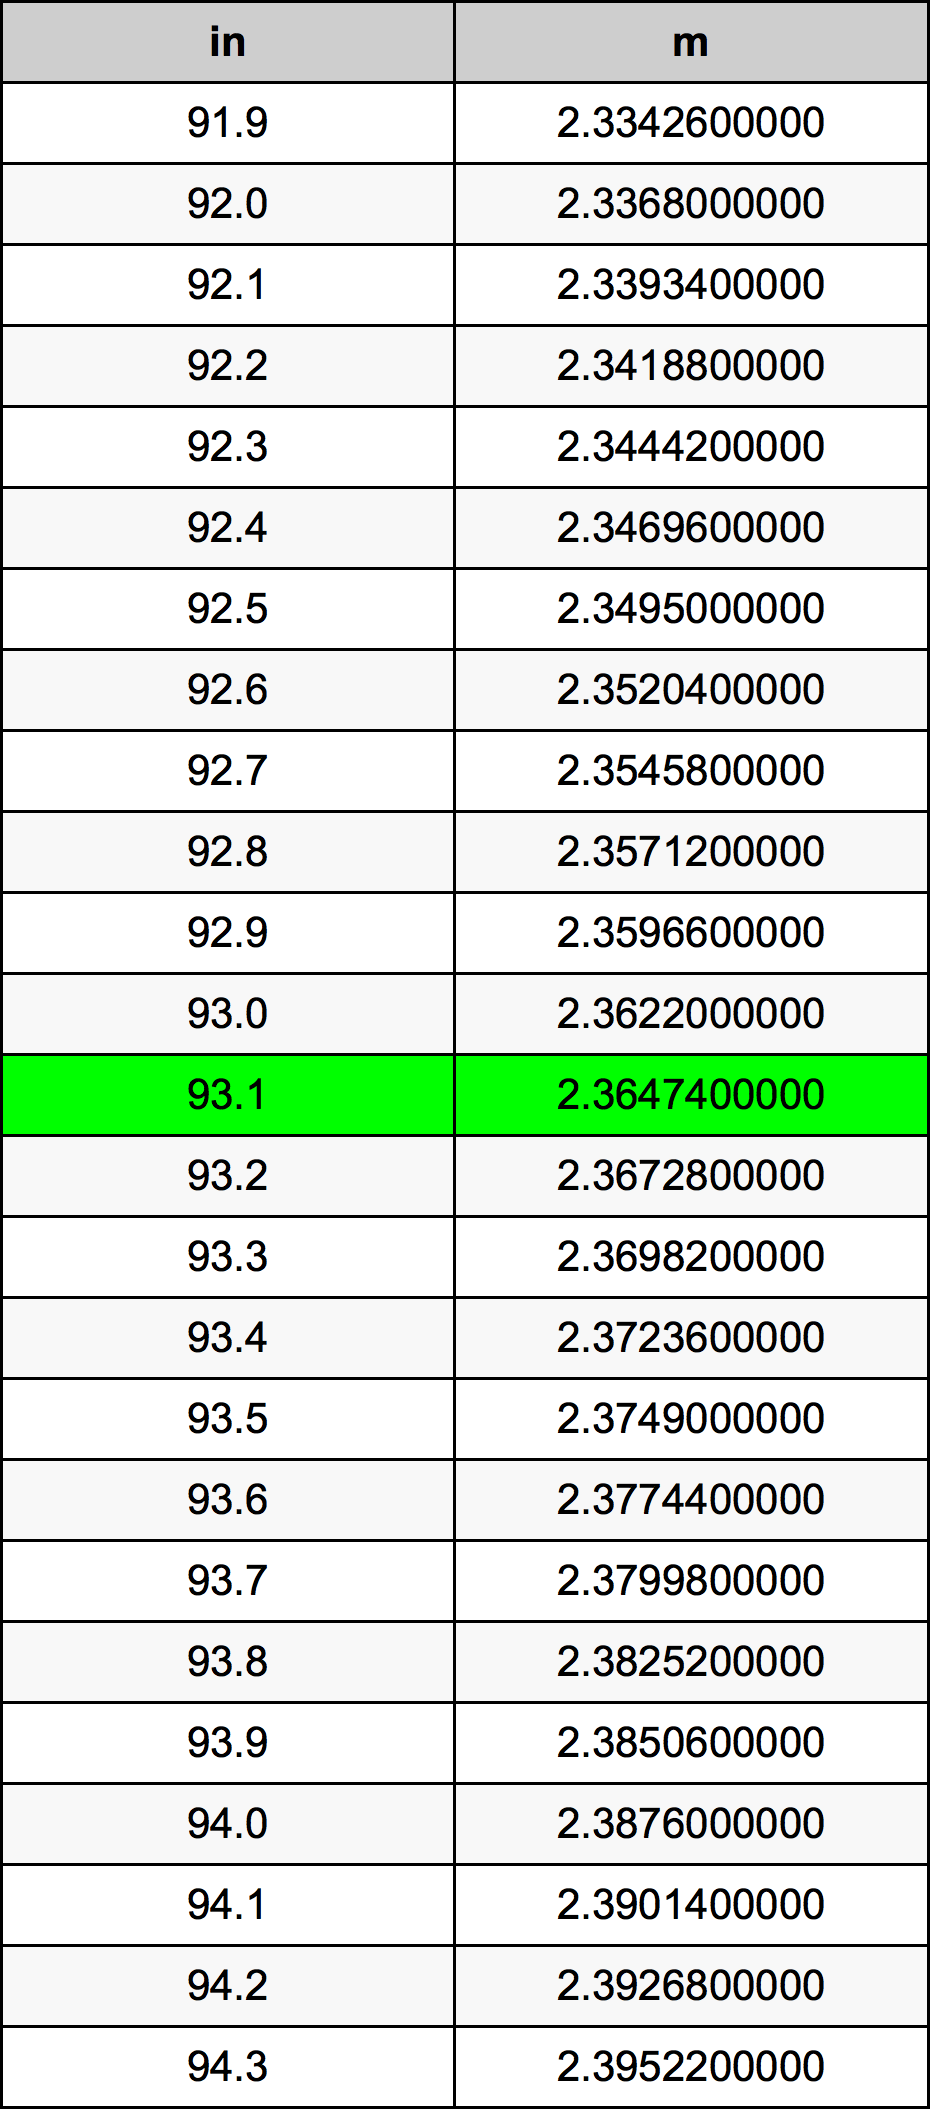 93.1 Colis konversijos lentelę